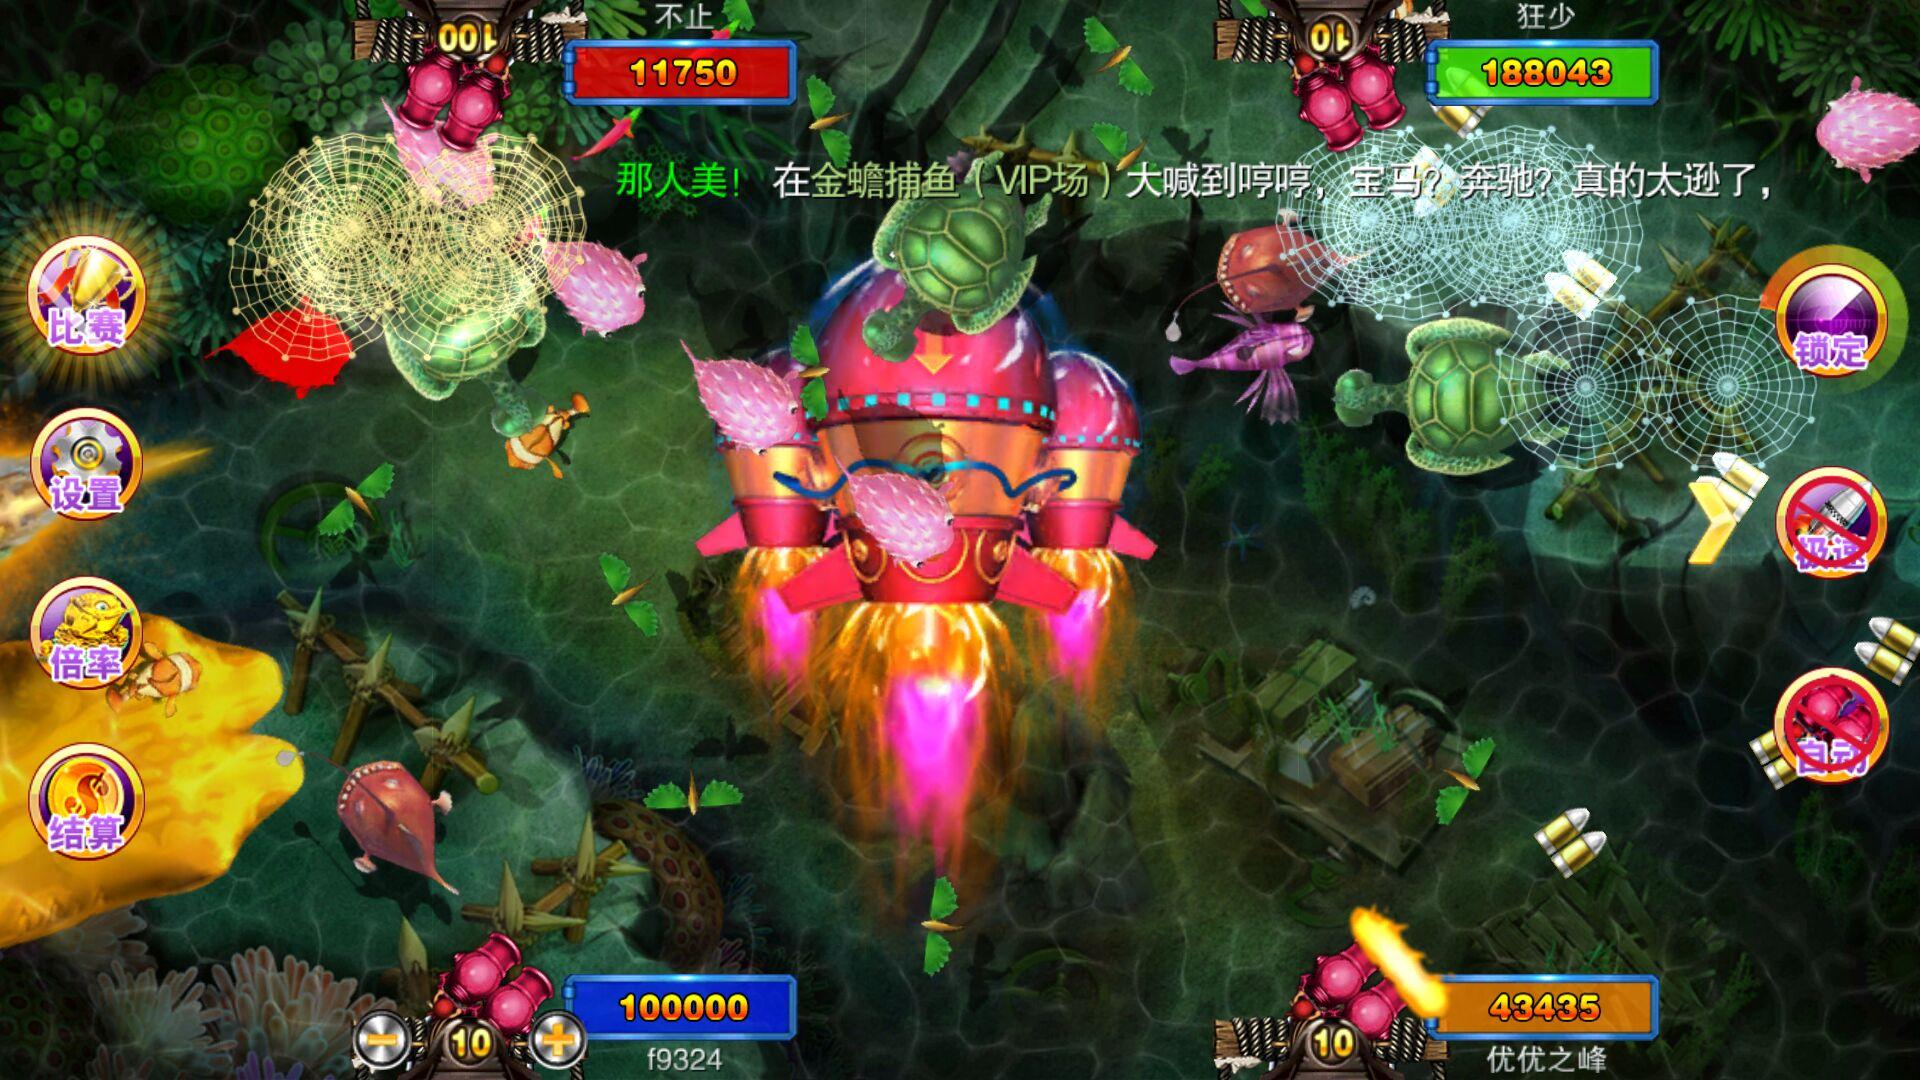 富贵电玩2代 海王2 富贵电玩修复版 修复微信登录 完美控制插图(4)